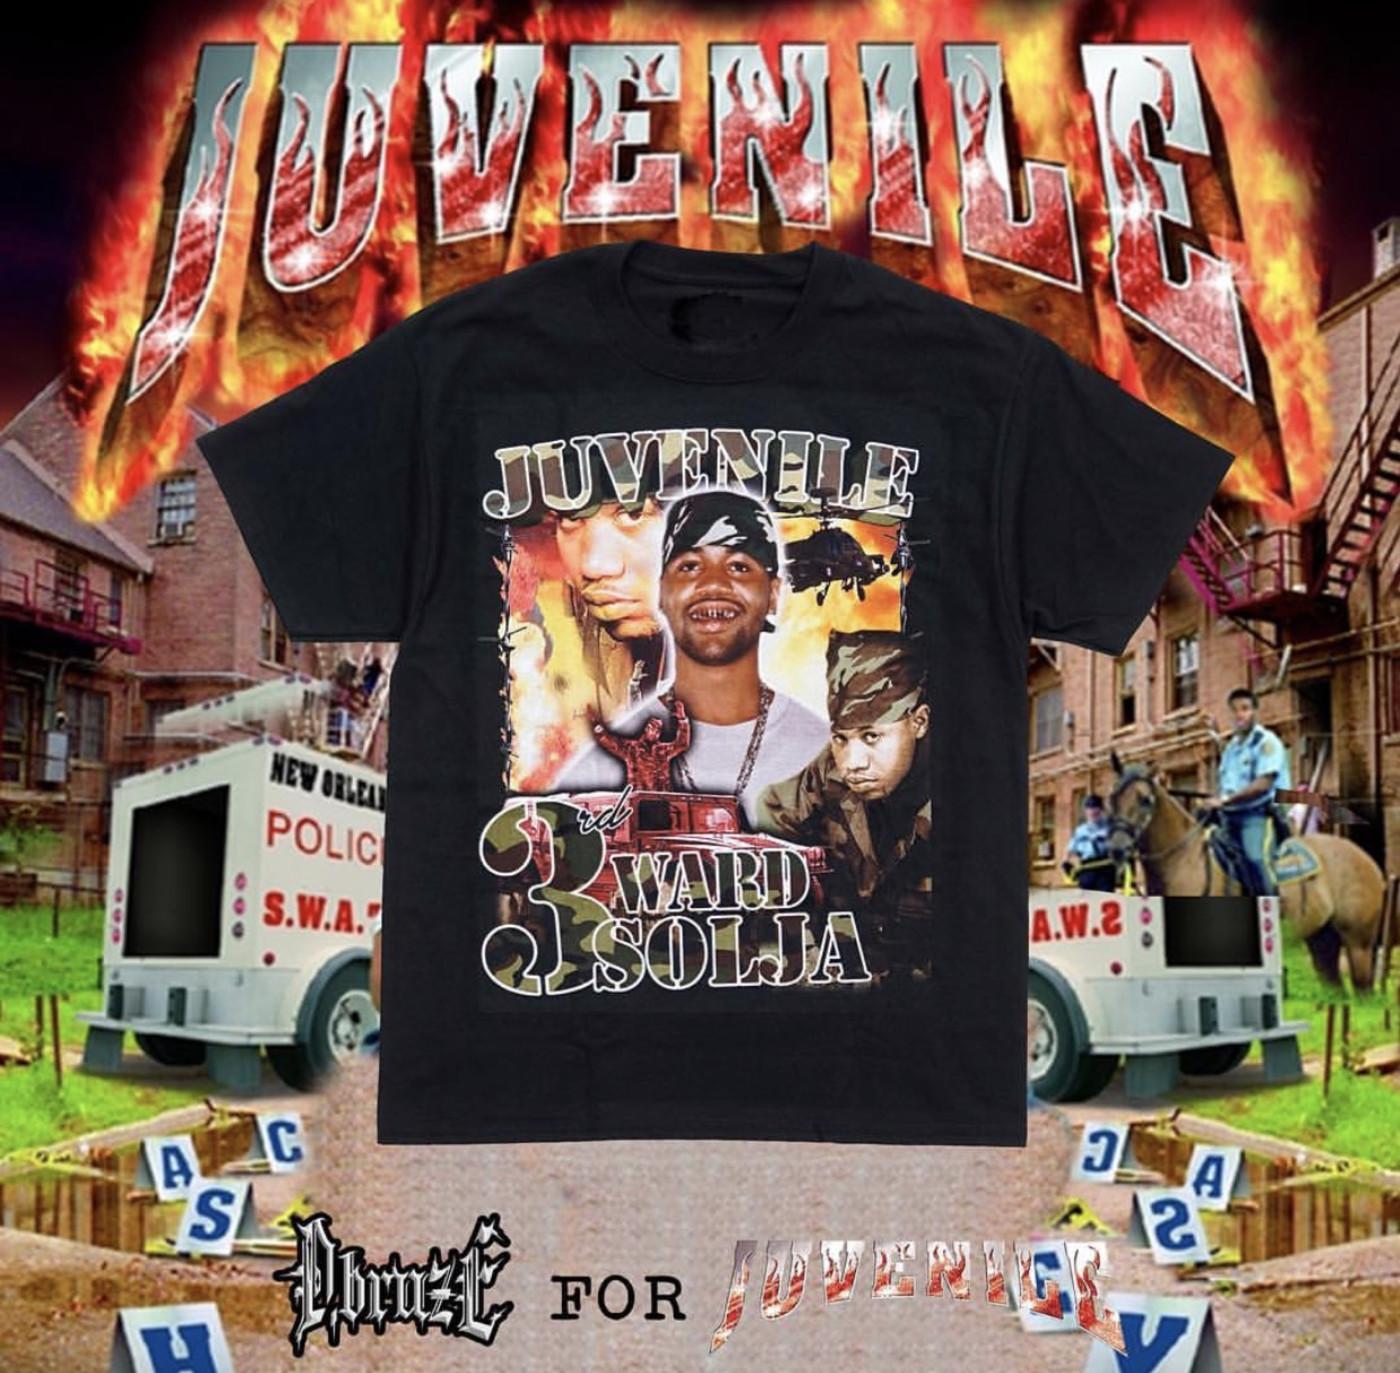 Juvenile P&P T-shirt by D Bruze